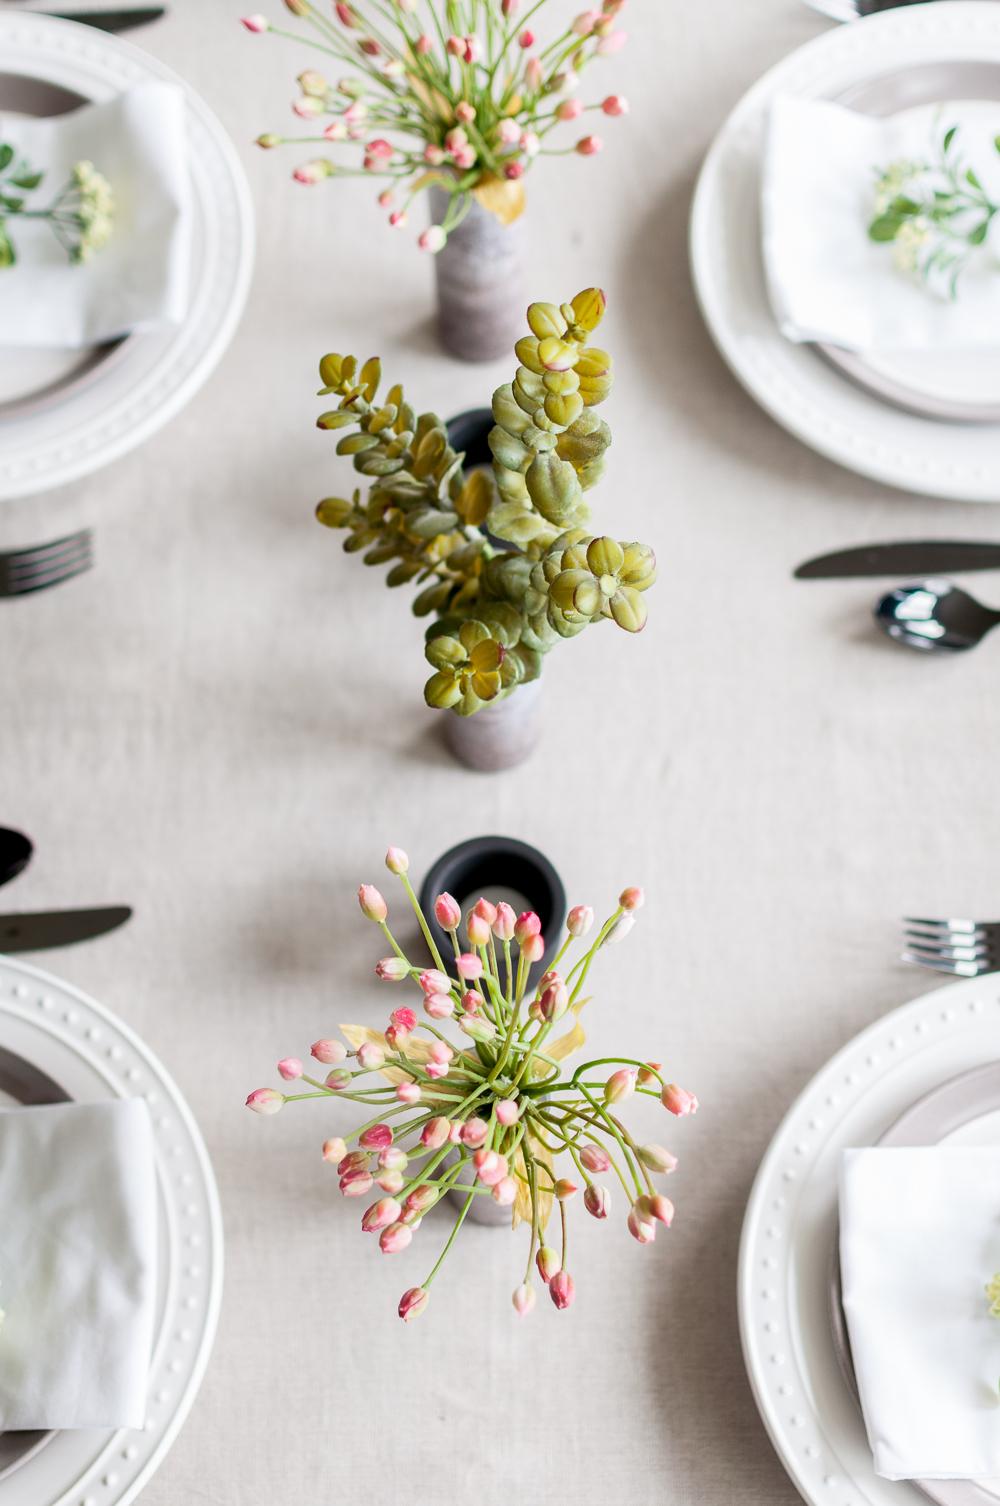 bonitos floreros hechos a mano, centro de mesa original, maneras de decoracion mesa